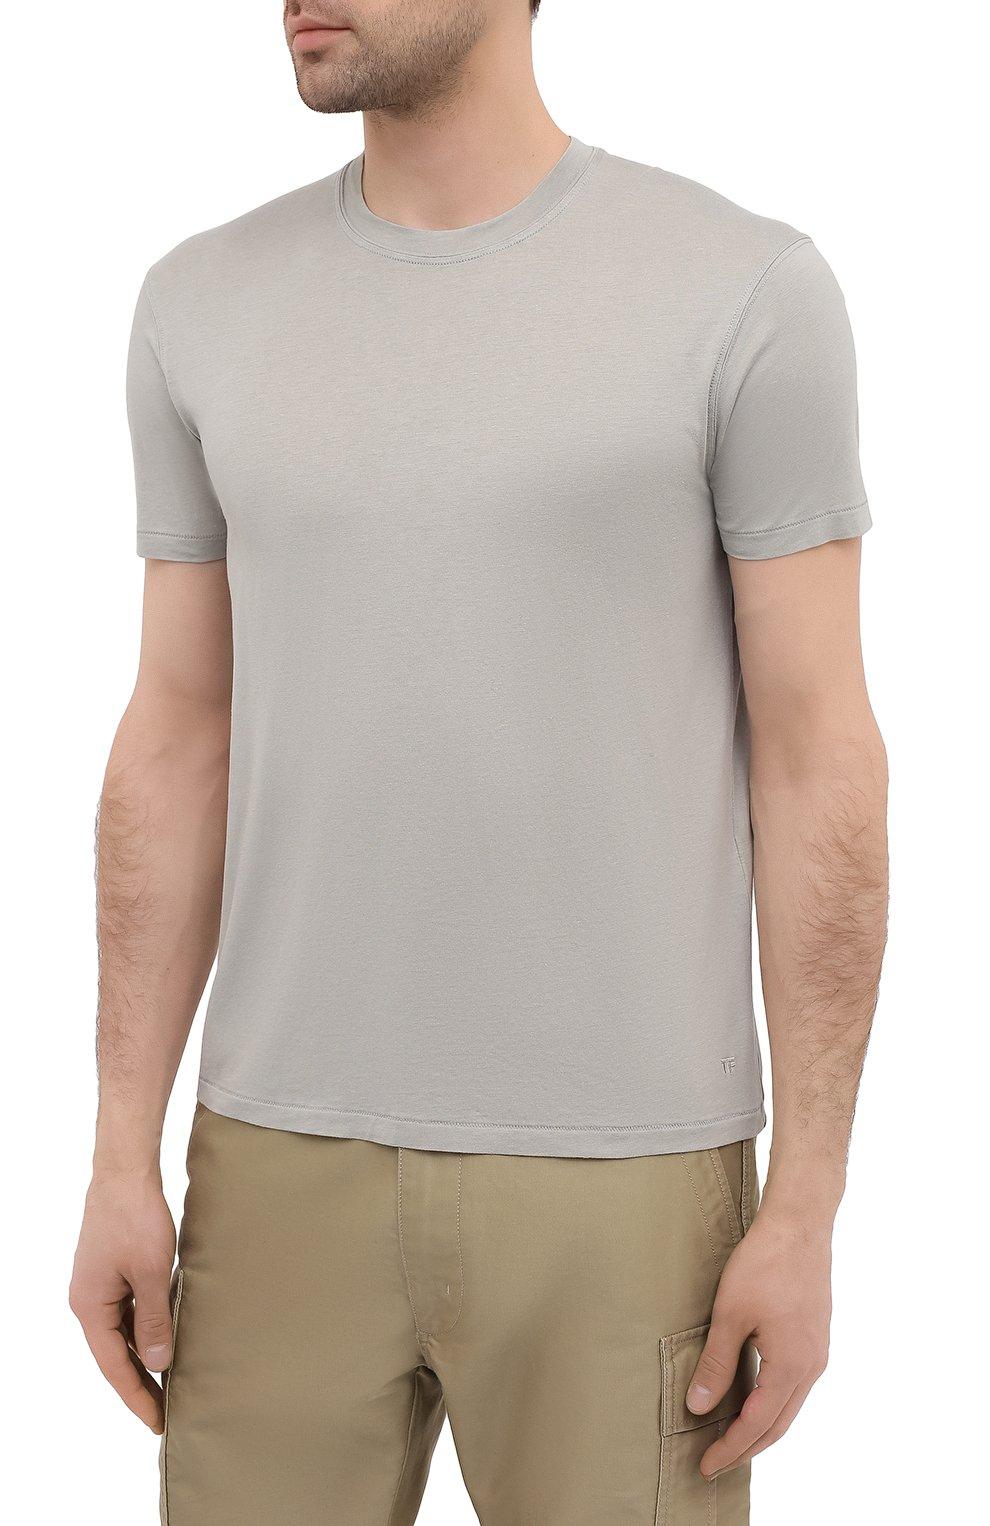 Мужская футболка TOM FORD светло-серого цвета, арт. BW229/TFJ950 | Фото 3 (Принт: Без принта; Рукава: Короткие; Длина (для топов): Стандартные; Материал внешний: Хлопок, Лиоцелл; Стили: Кэжуэл)